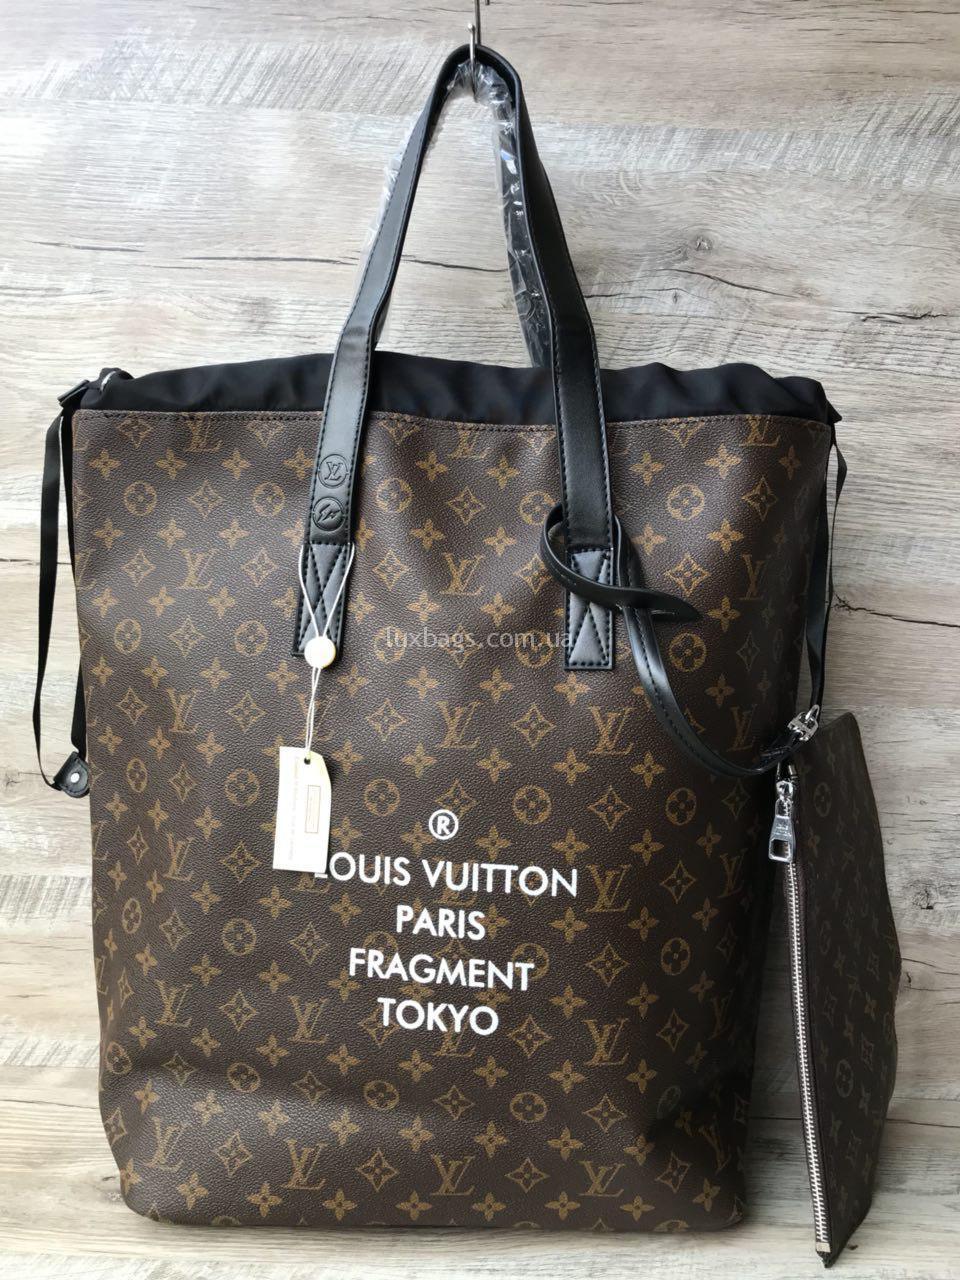 377776e724c0 ... большая сумка шоппер Louis Vuitton. 🔍. реплика брендовой сумки